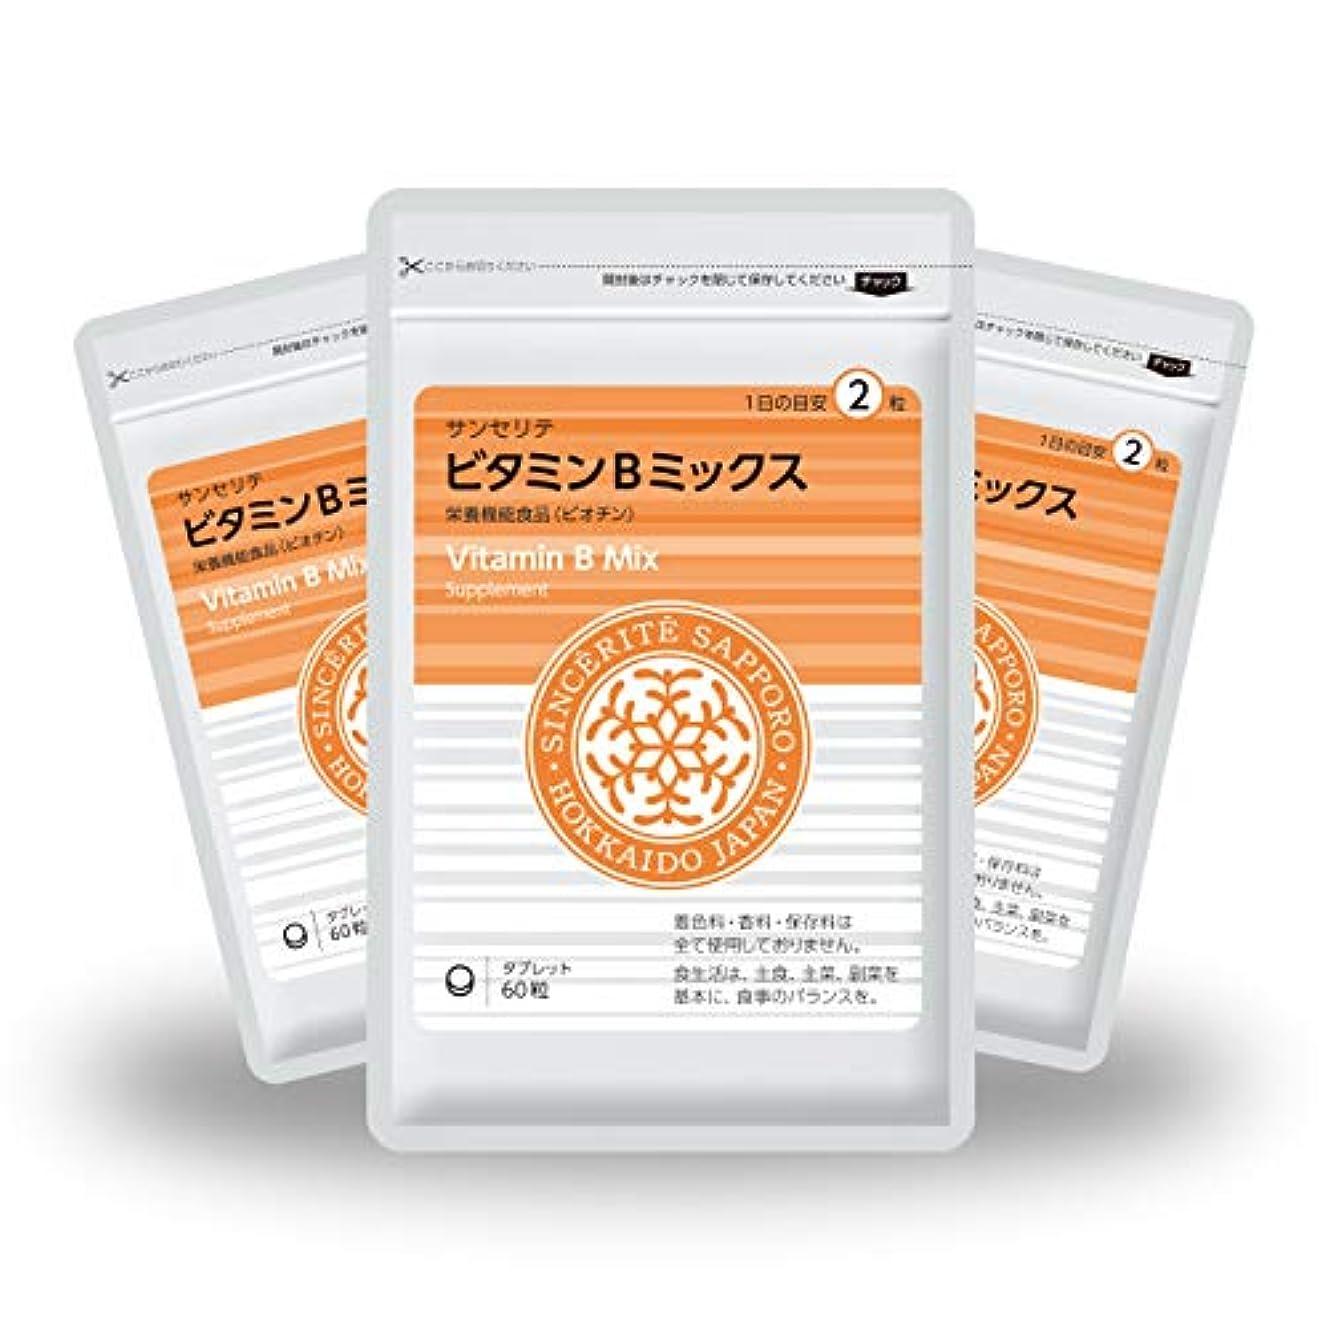 ビタミンBミックス 3袋セット[栄養機能食品]ビタミンB群たっぷり配合[国内製造]お得な★90日分